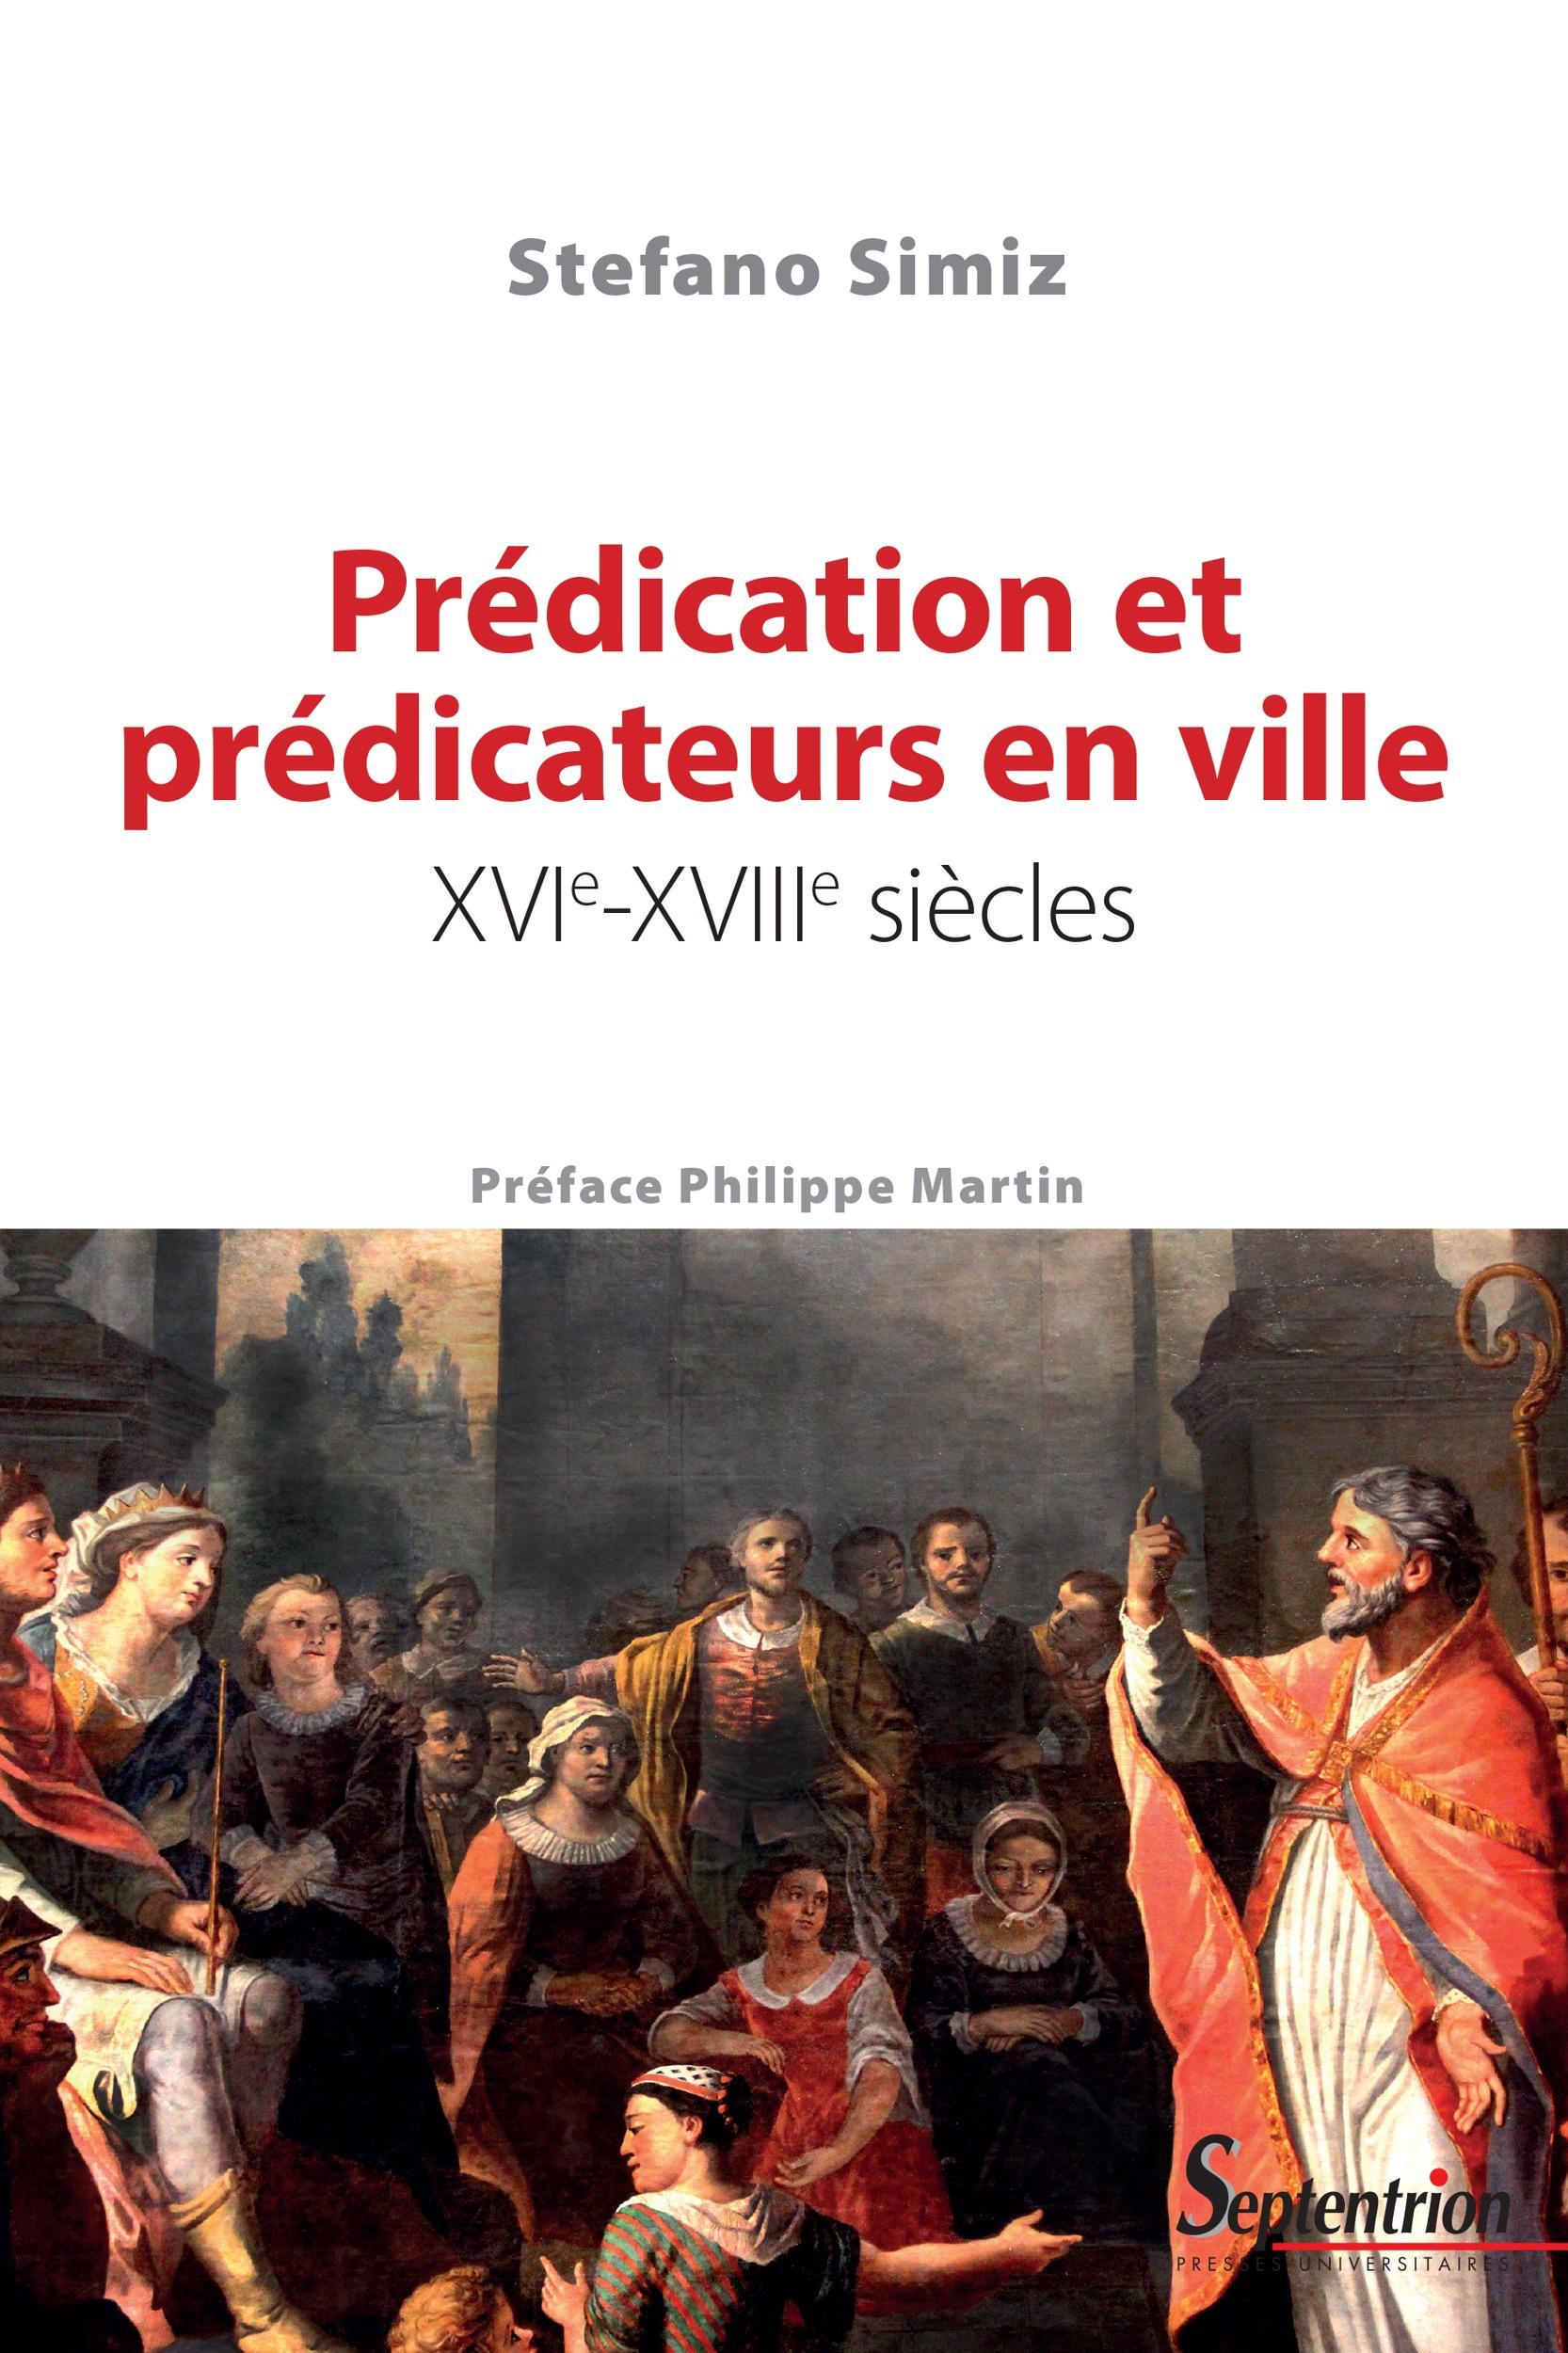 Prédication et prédicateurs en ville, xvie-xviiiesiècles